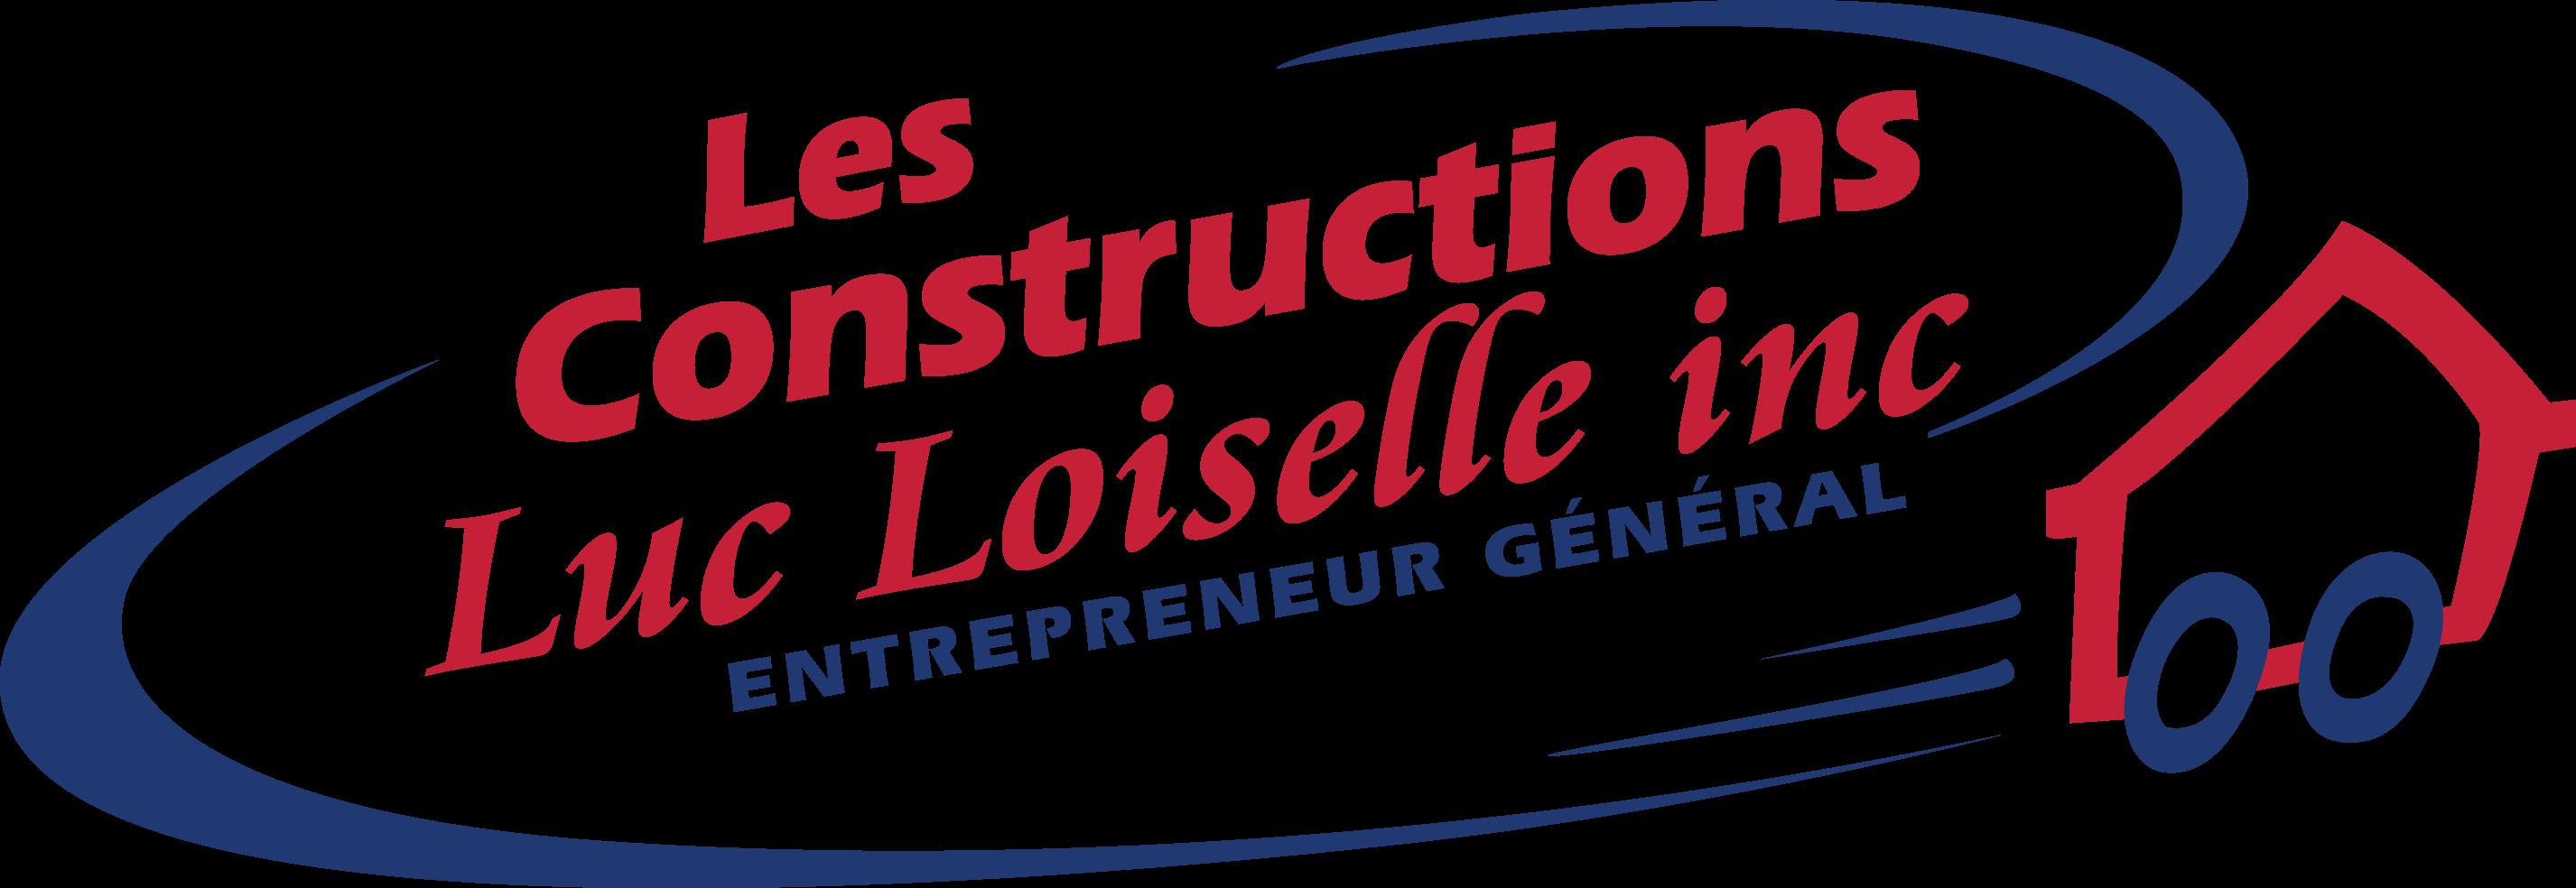 Constructions Luc Loiselle